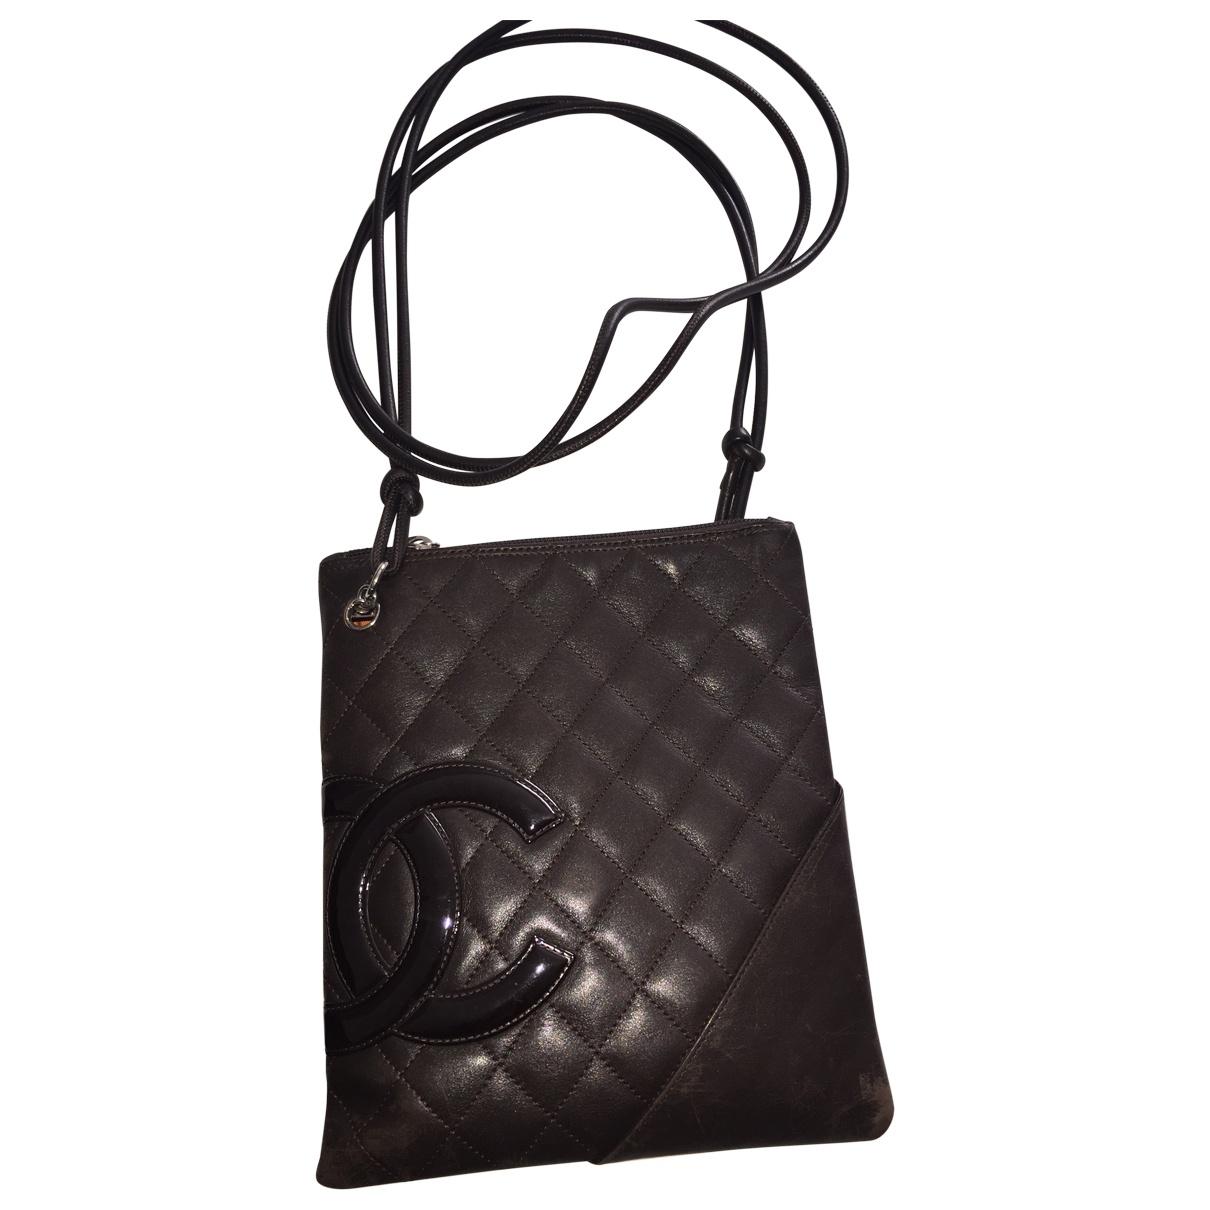 Chanel Cambon Handtasche in  Braun Leder